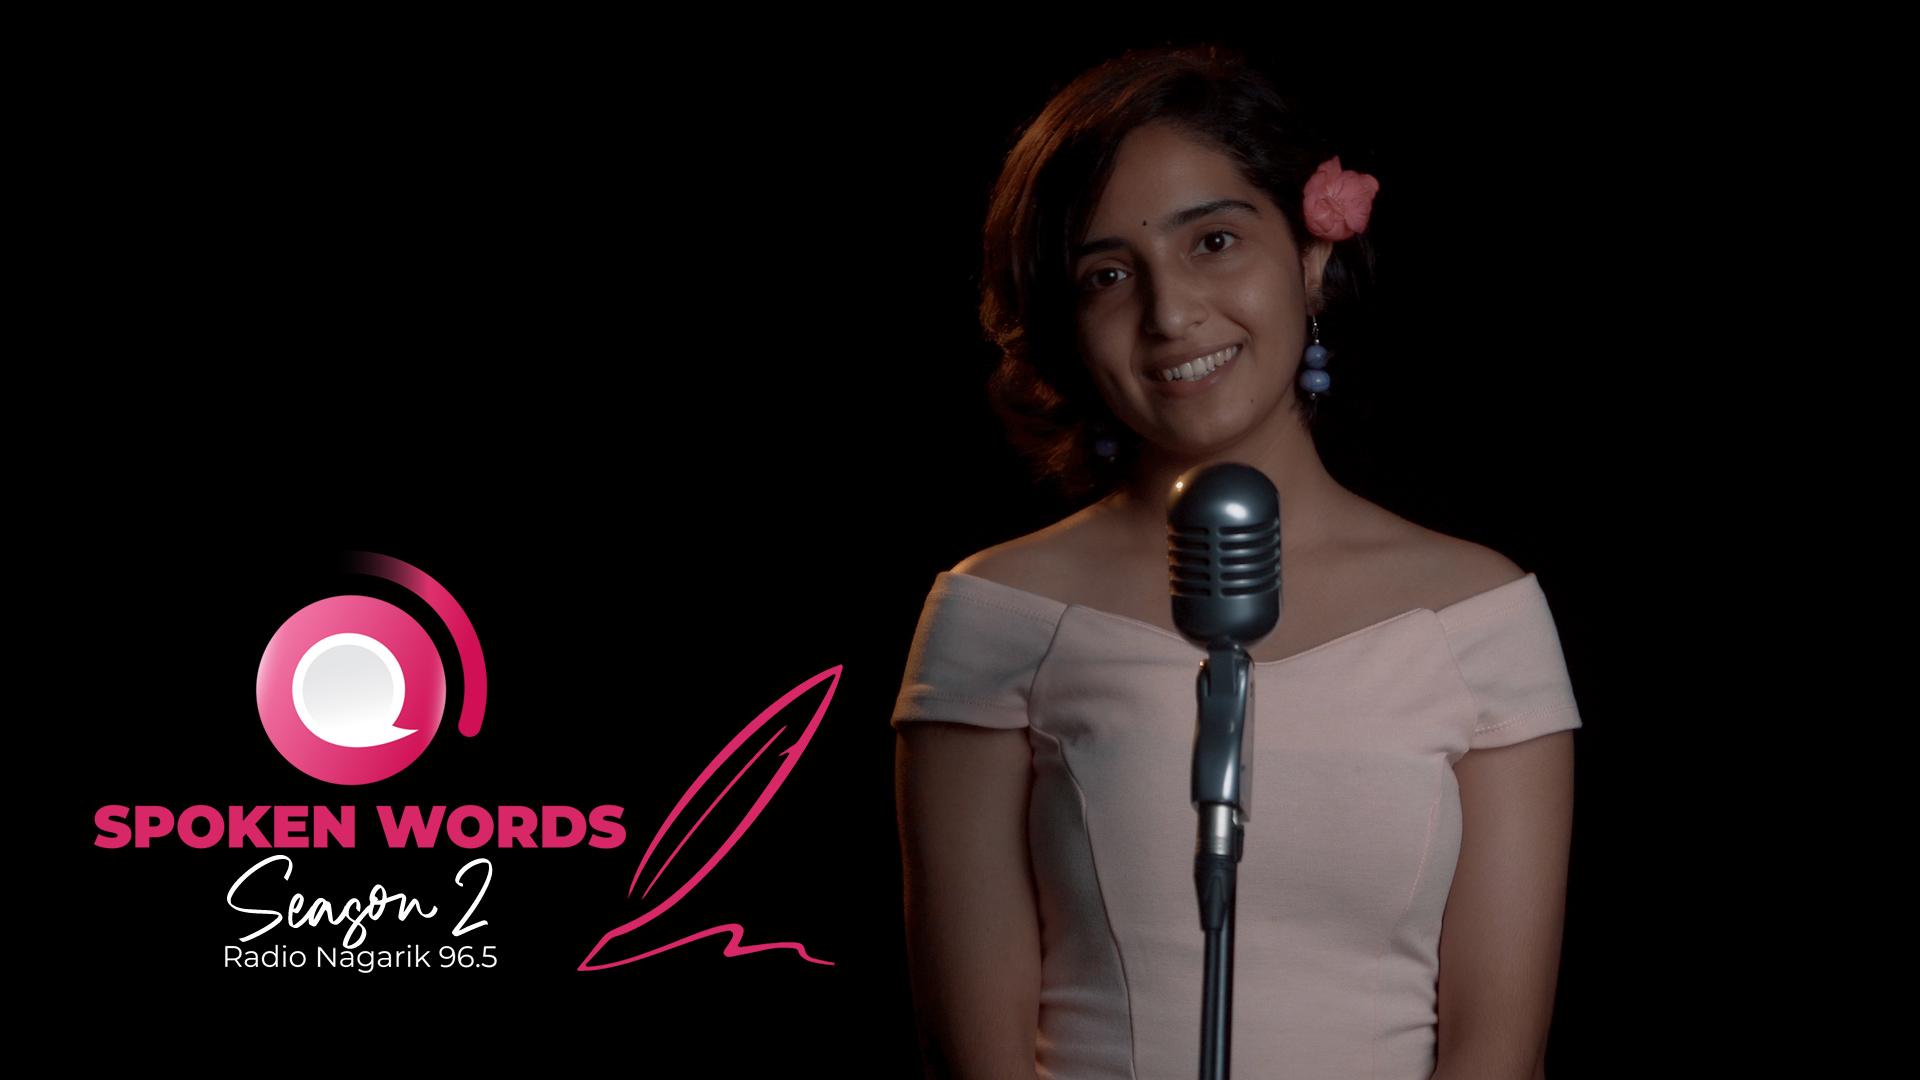 Phool Panima Phulne Phool - Spoken Words | Asmita Gautam